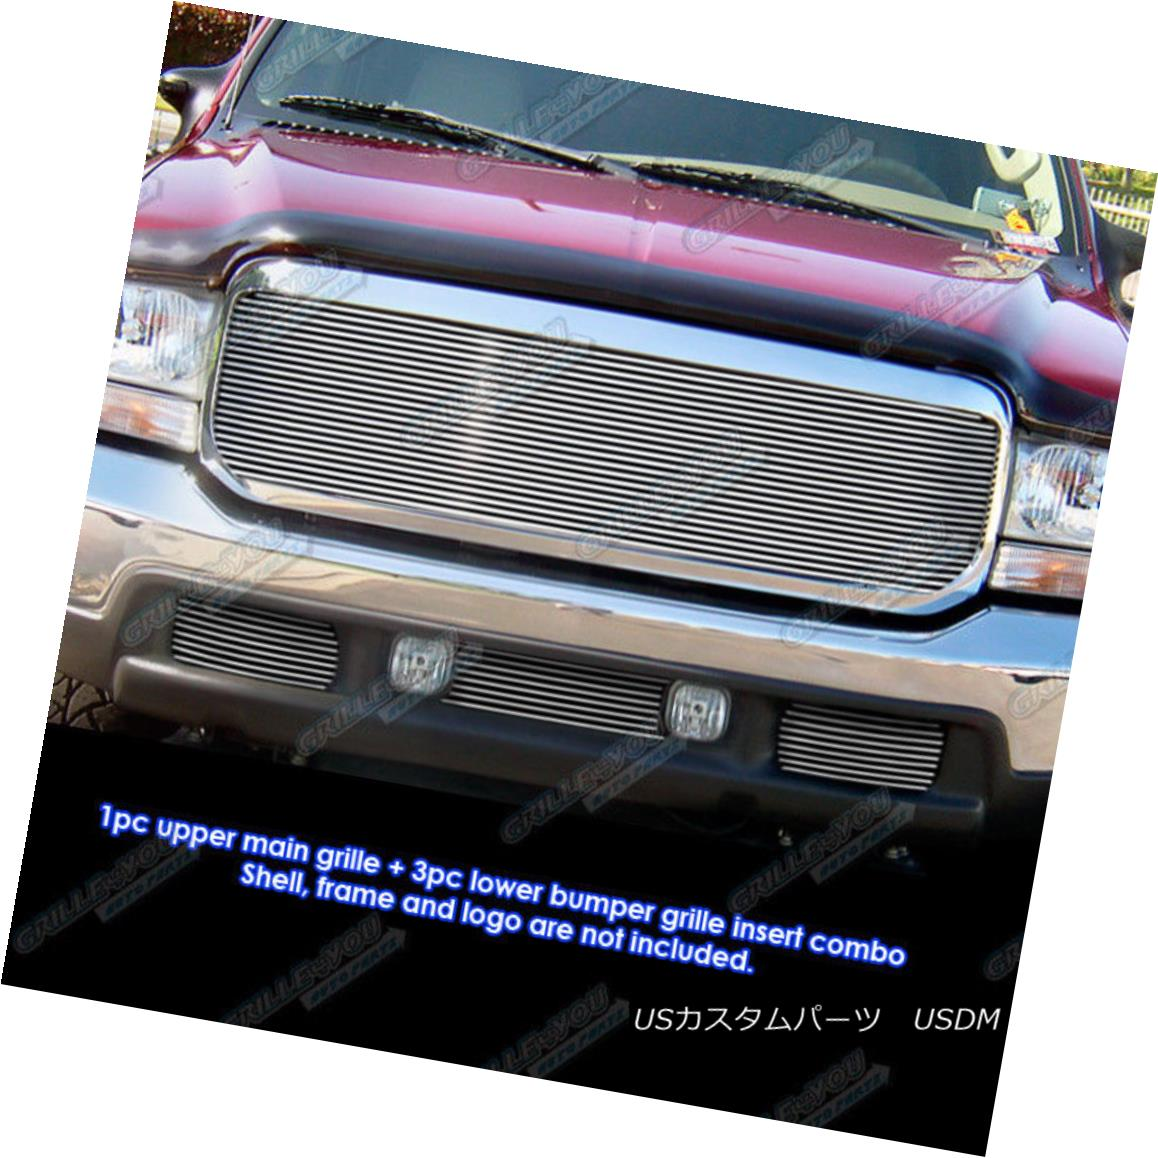 グリル Fits 1999-2004 Ford F-250/F-350 Super Duty Billet Grille Combo 1999-2004 Ford F-250 / F-350 Super Duty Billet Grille Comboに適合